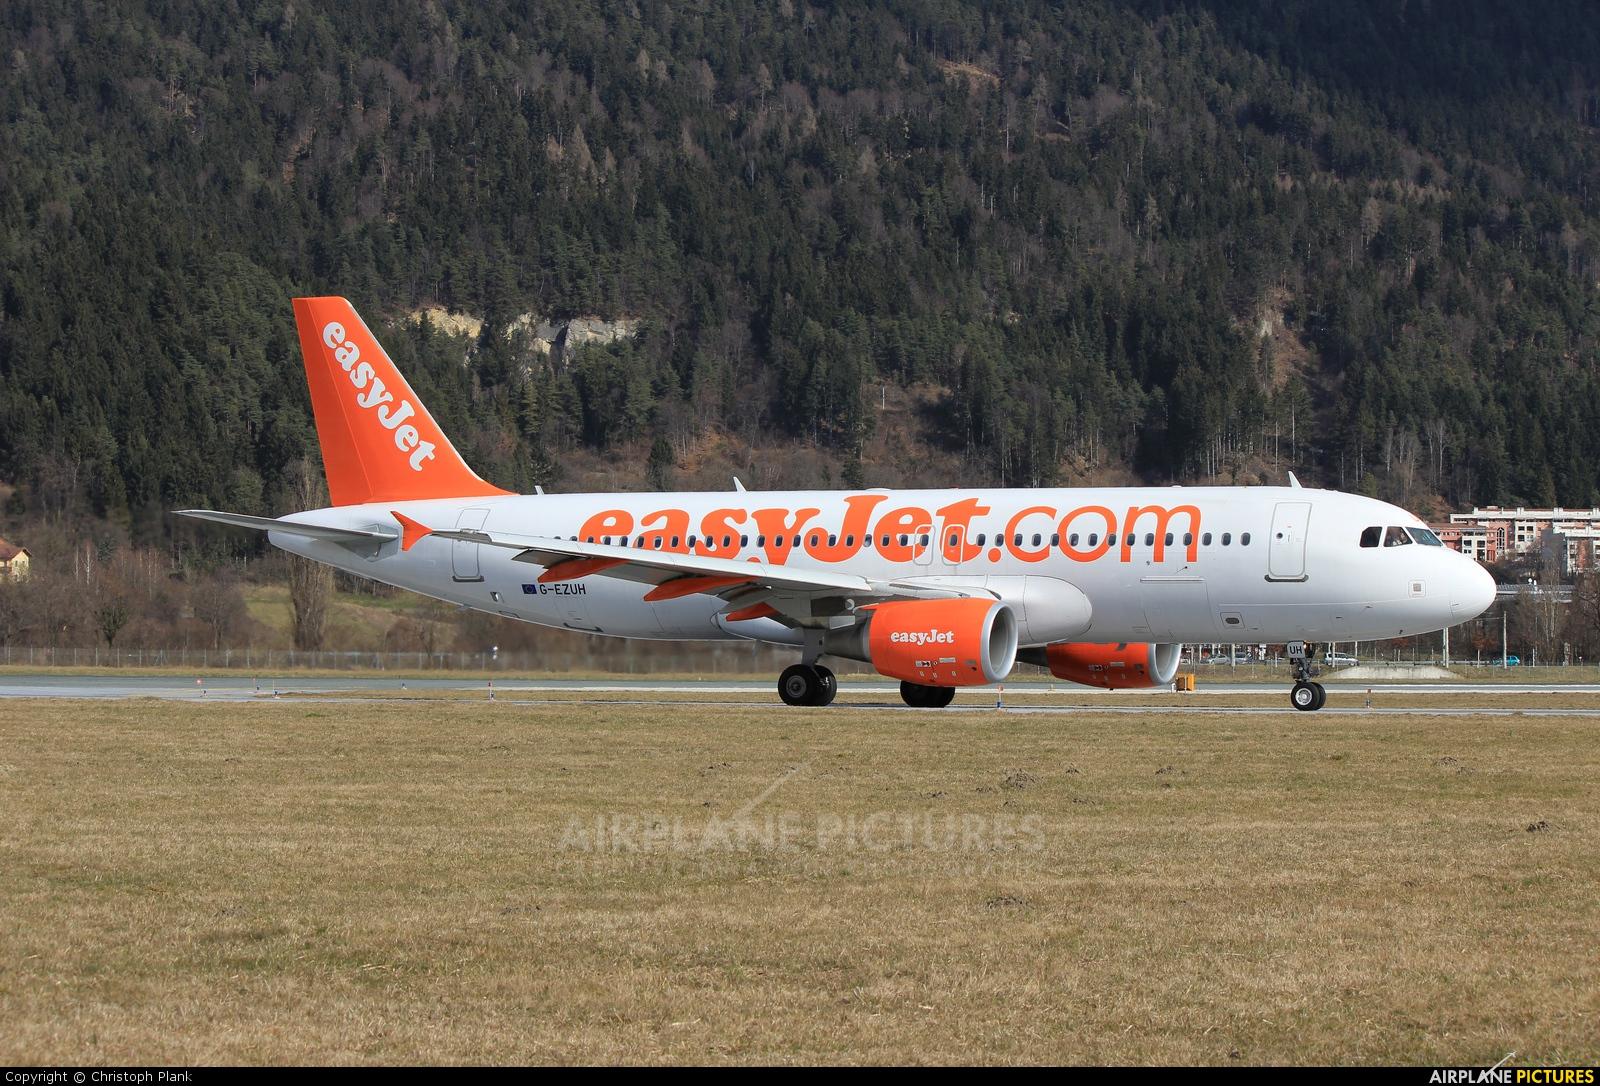 easyJet G-EZUH aircraft at Innsbruck